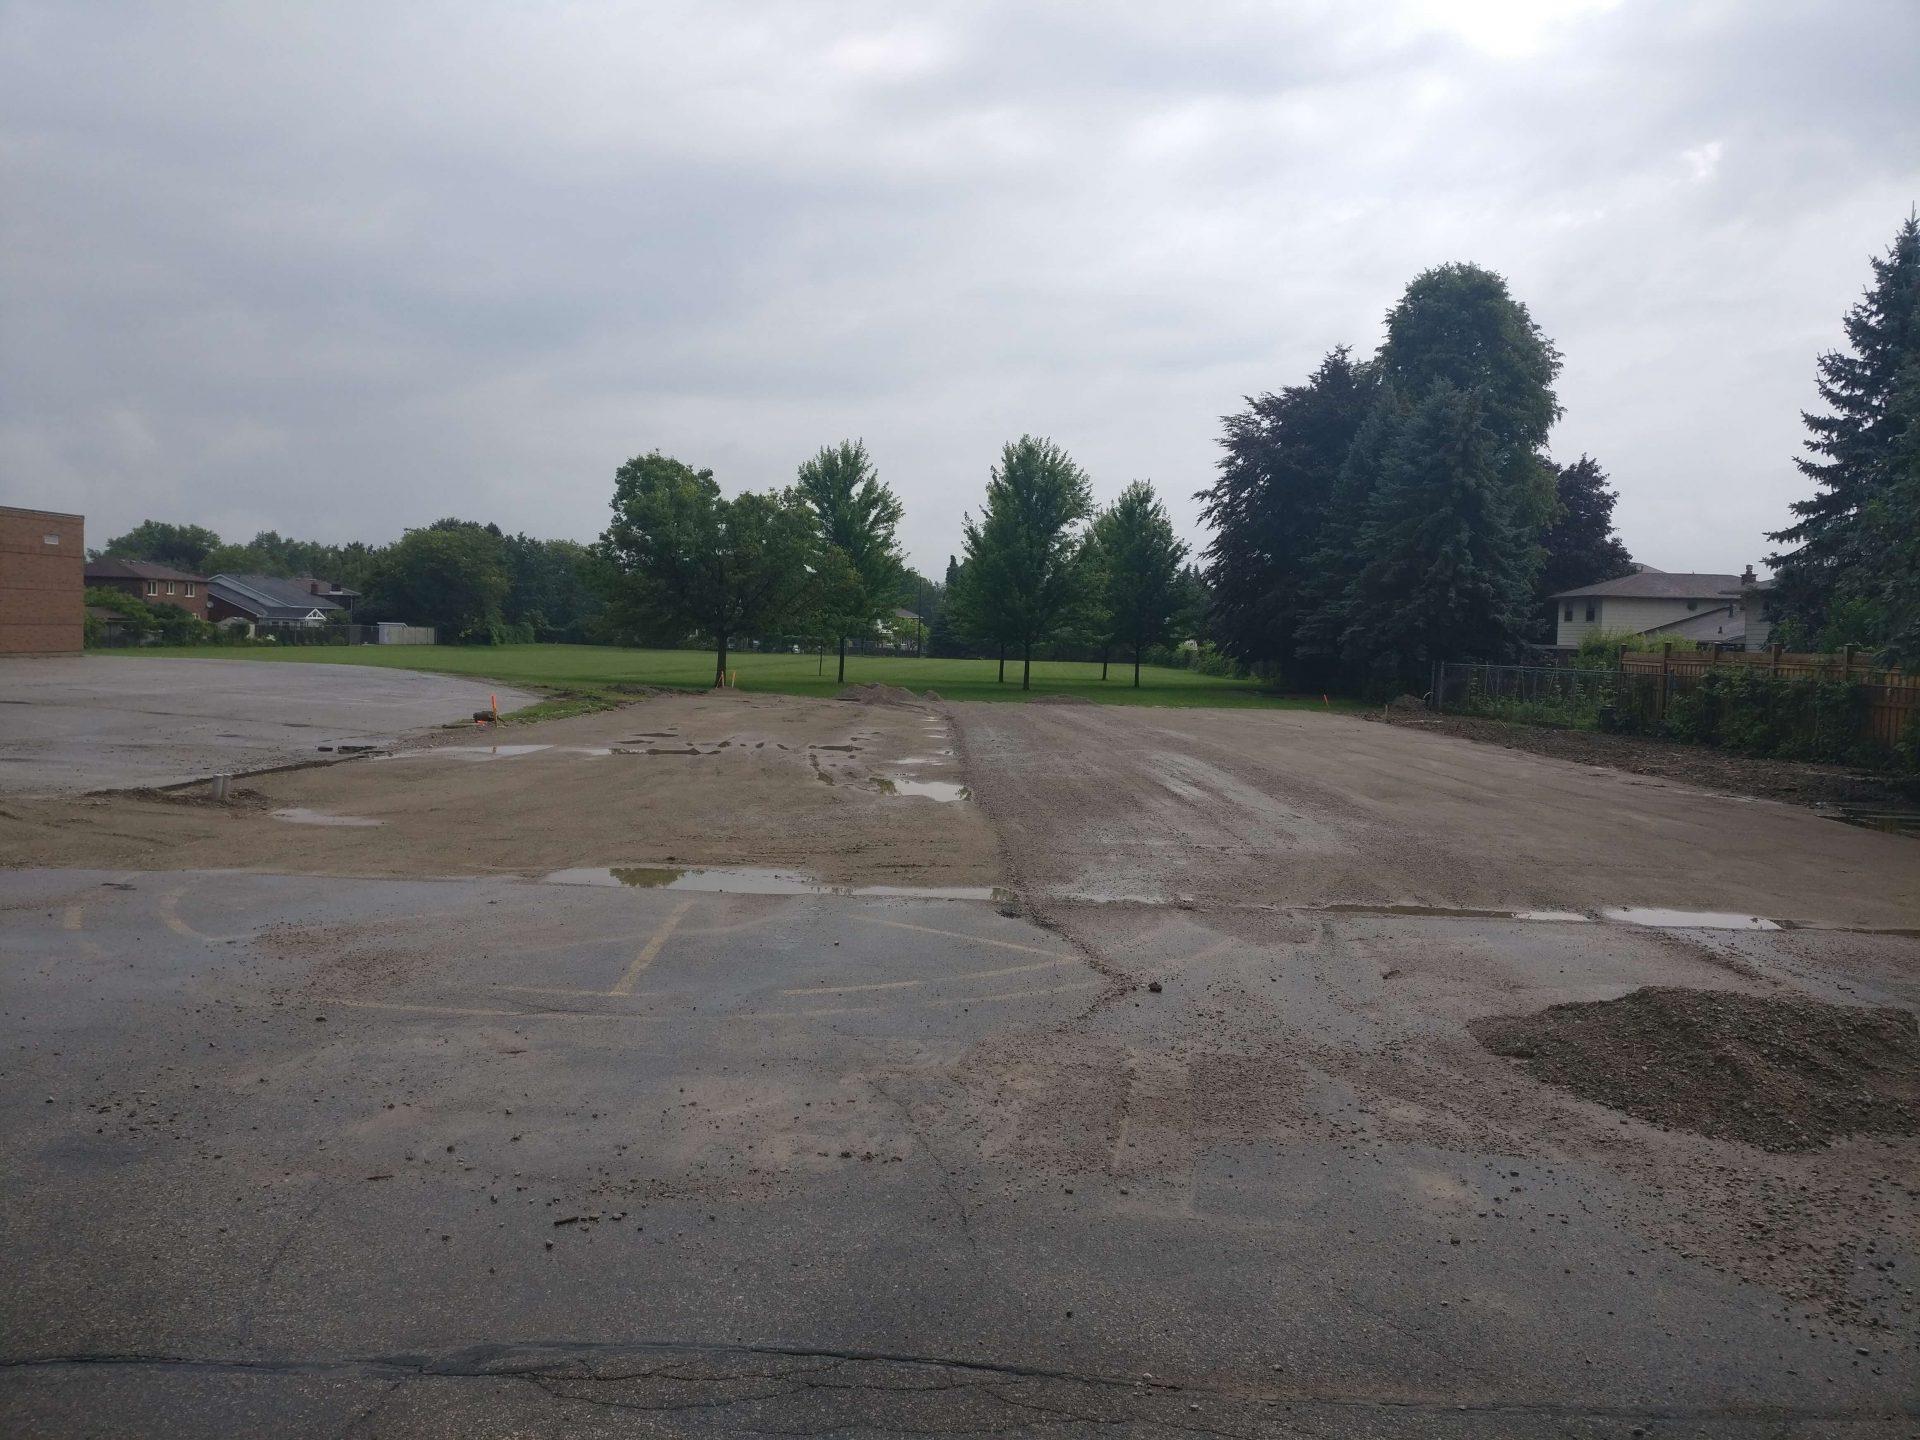 unpaved gravel parking lot